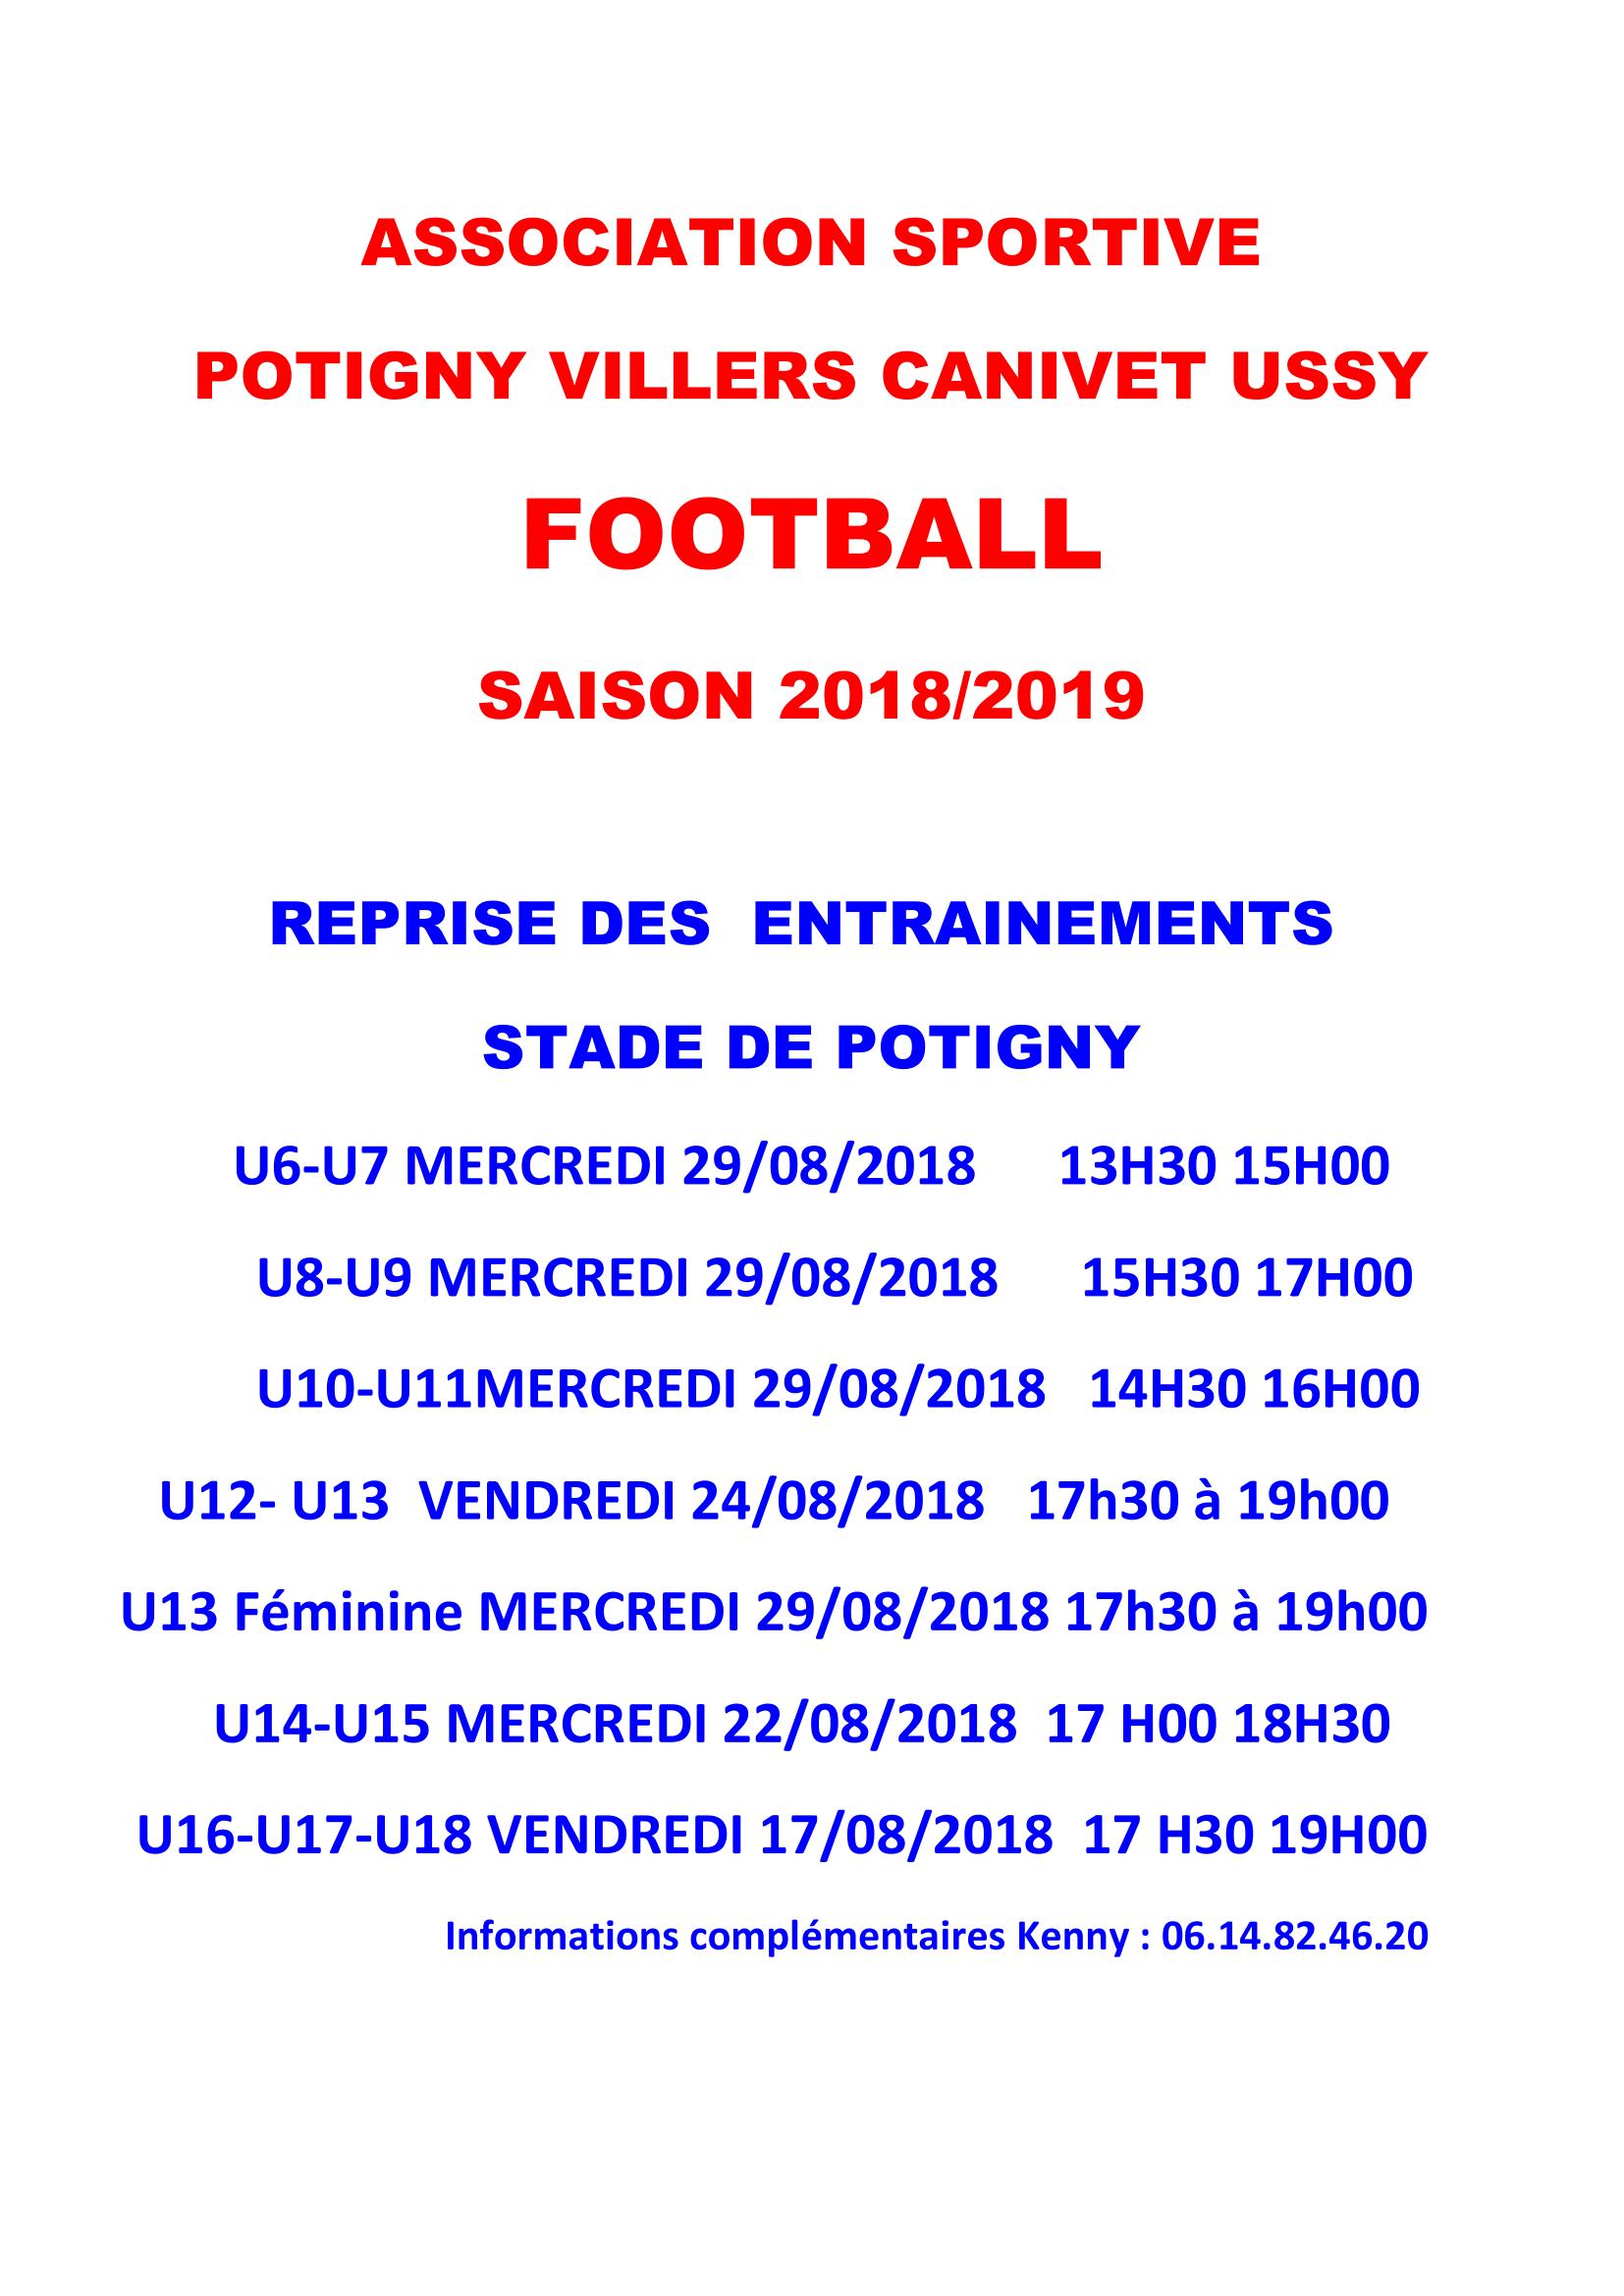 SAISON 2018 2019-1.png